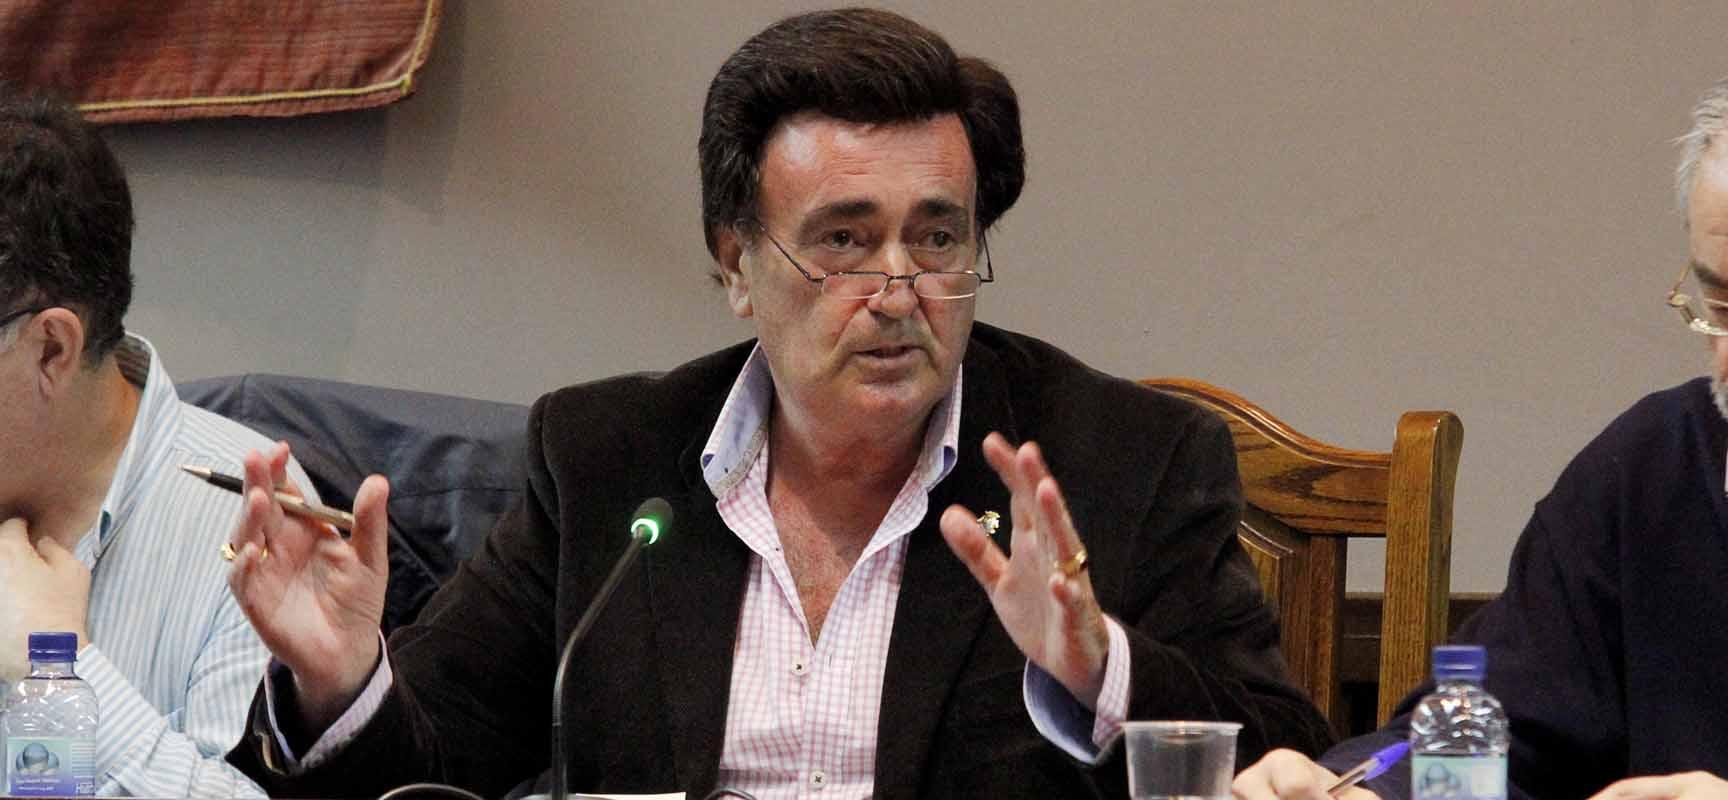 Jesús García, alcalde de Cuéllar, durante un pleno.